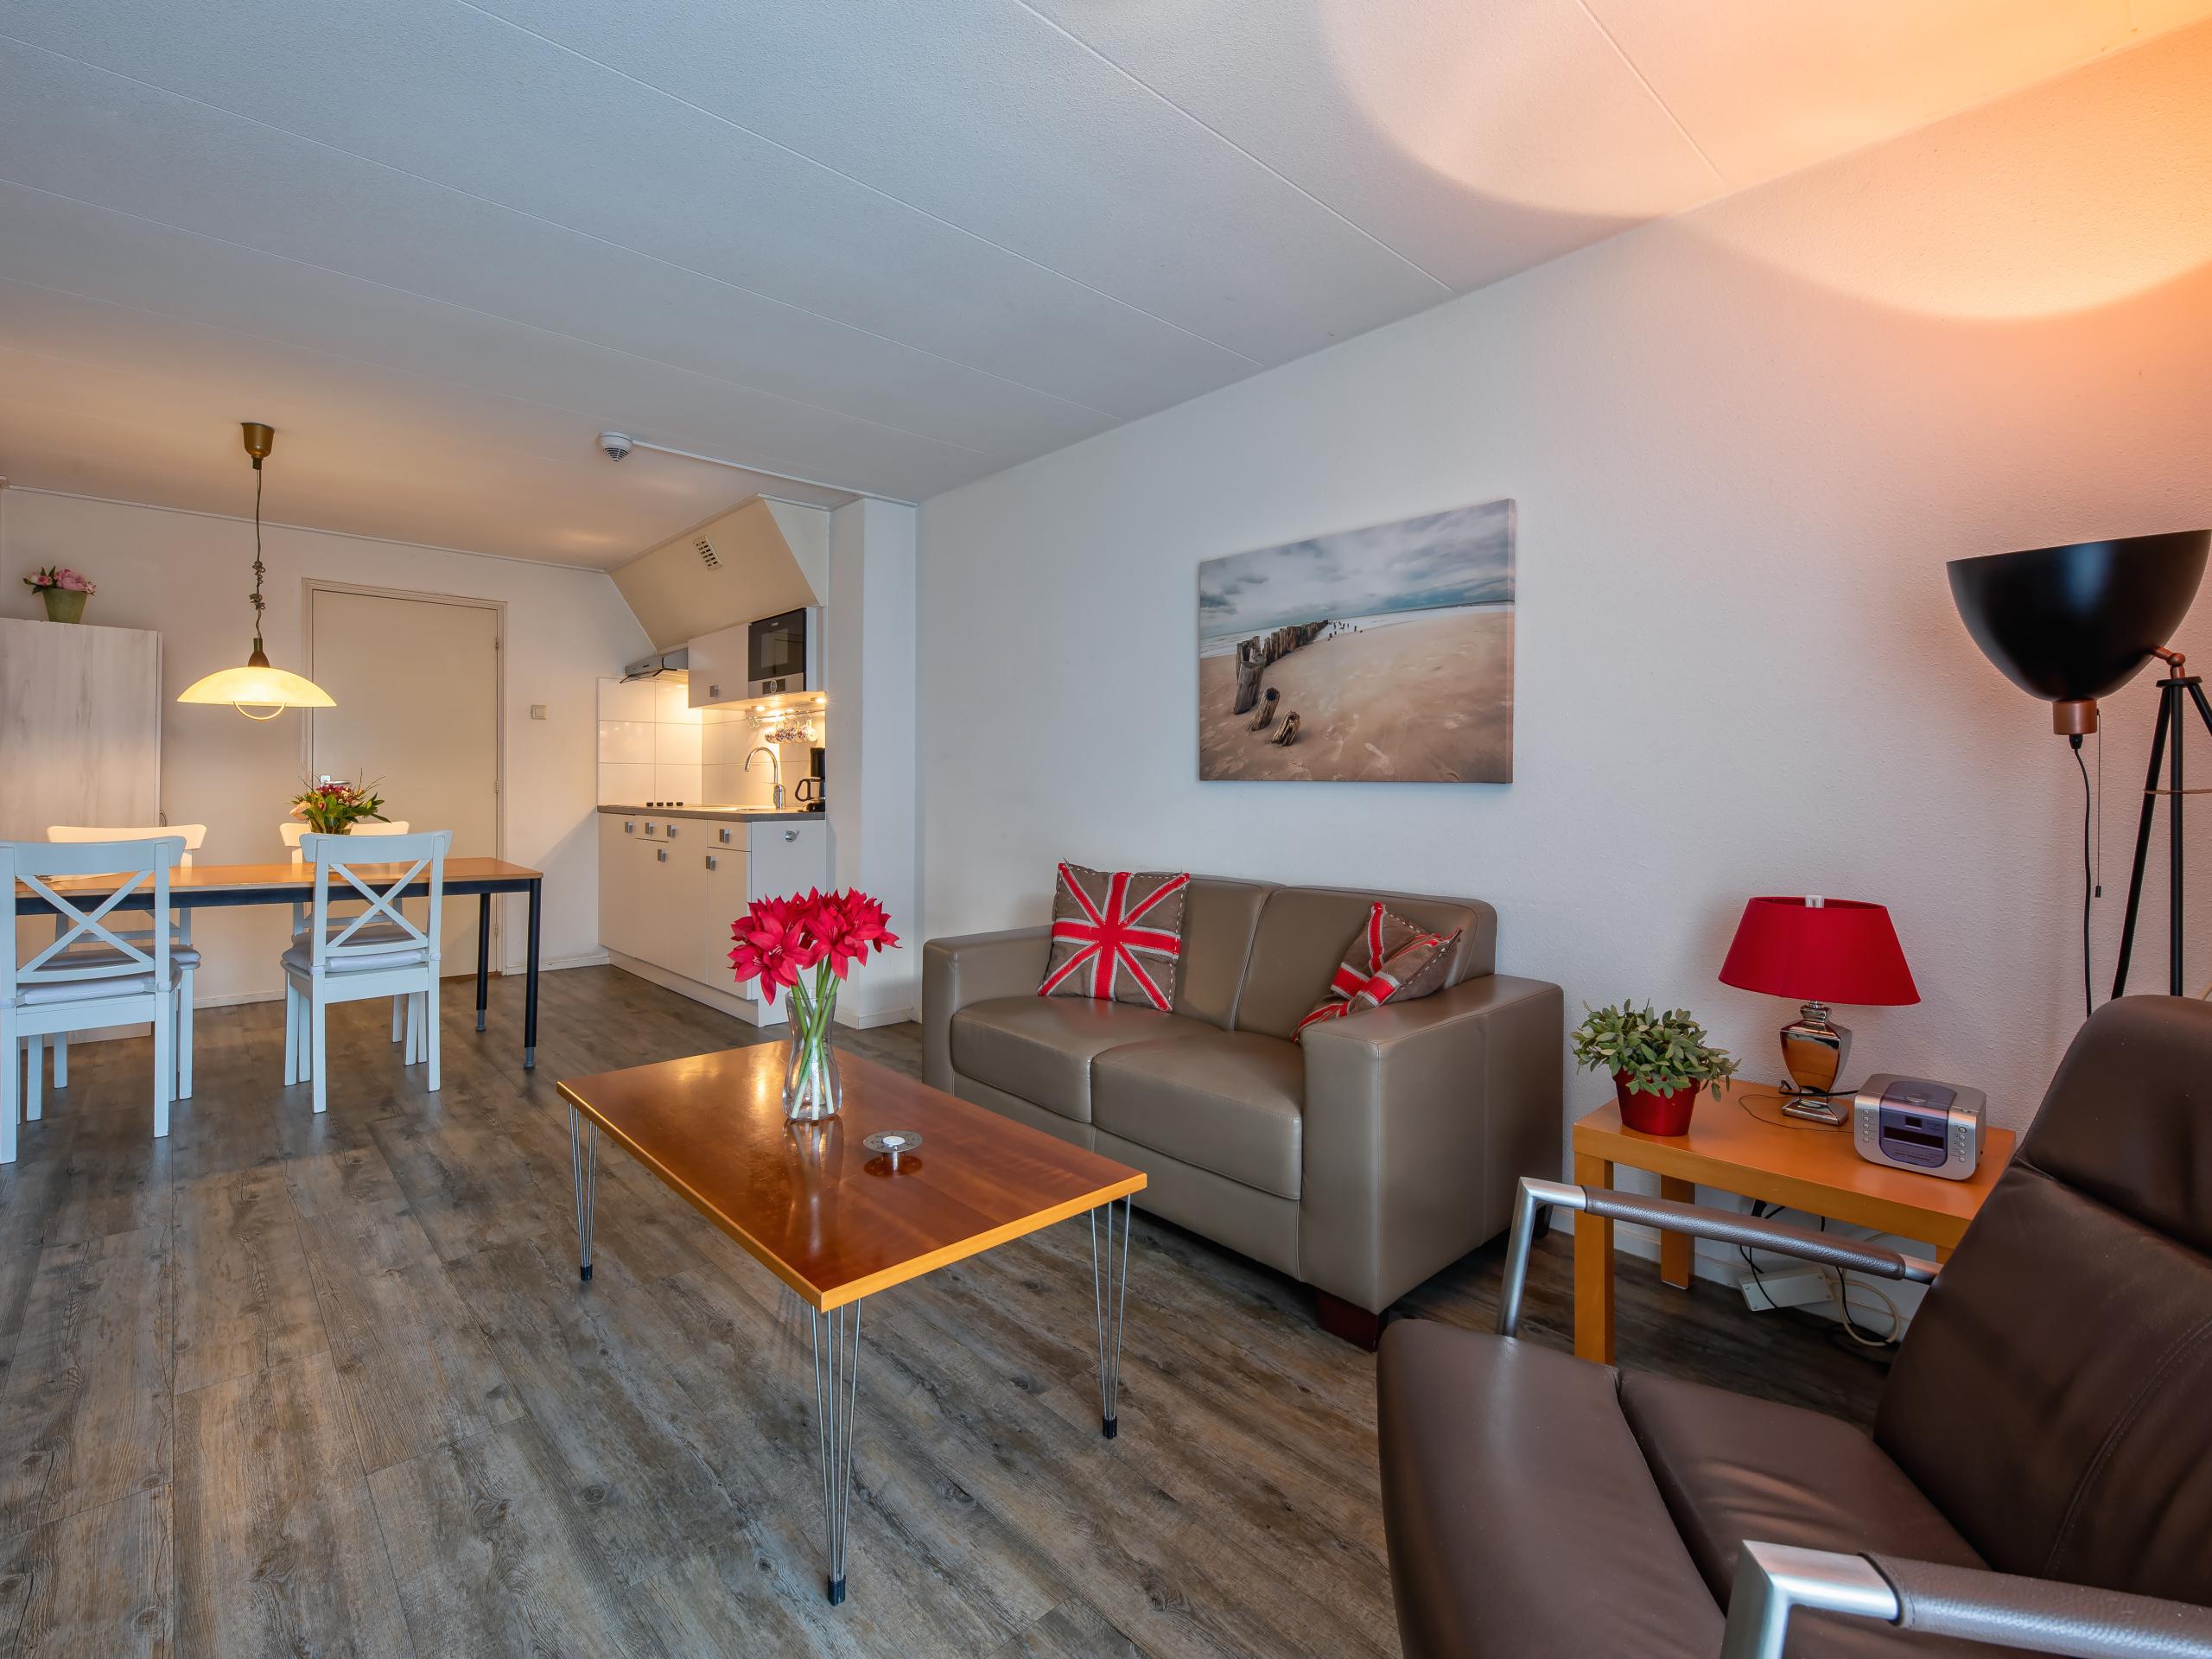 Appartement nabij het strand (300m) en centrum van De Koog